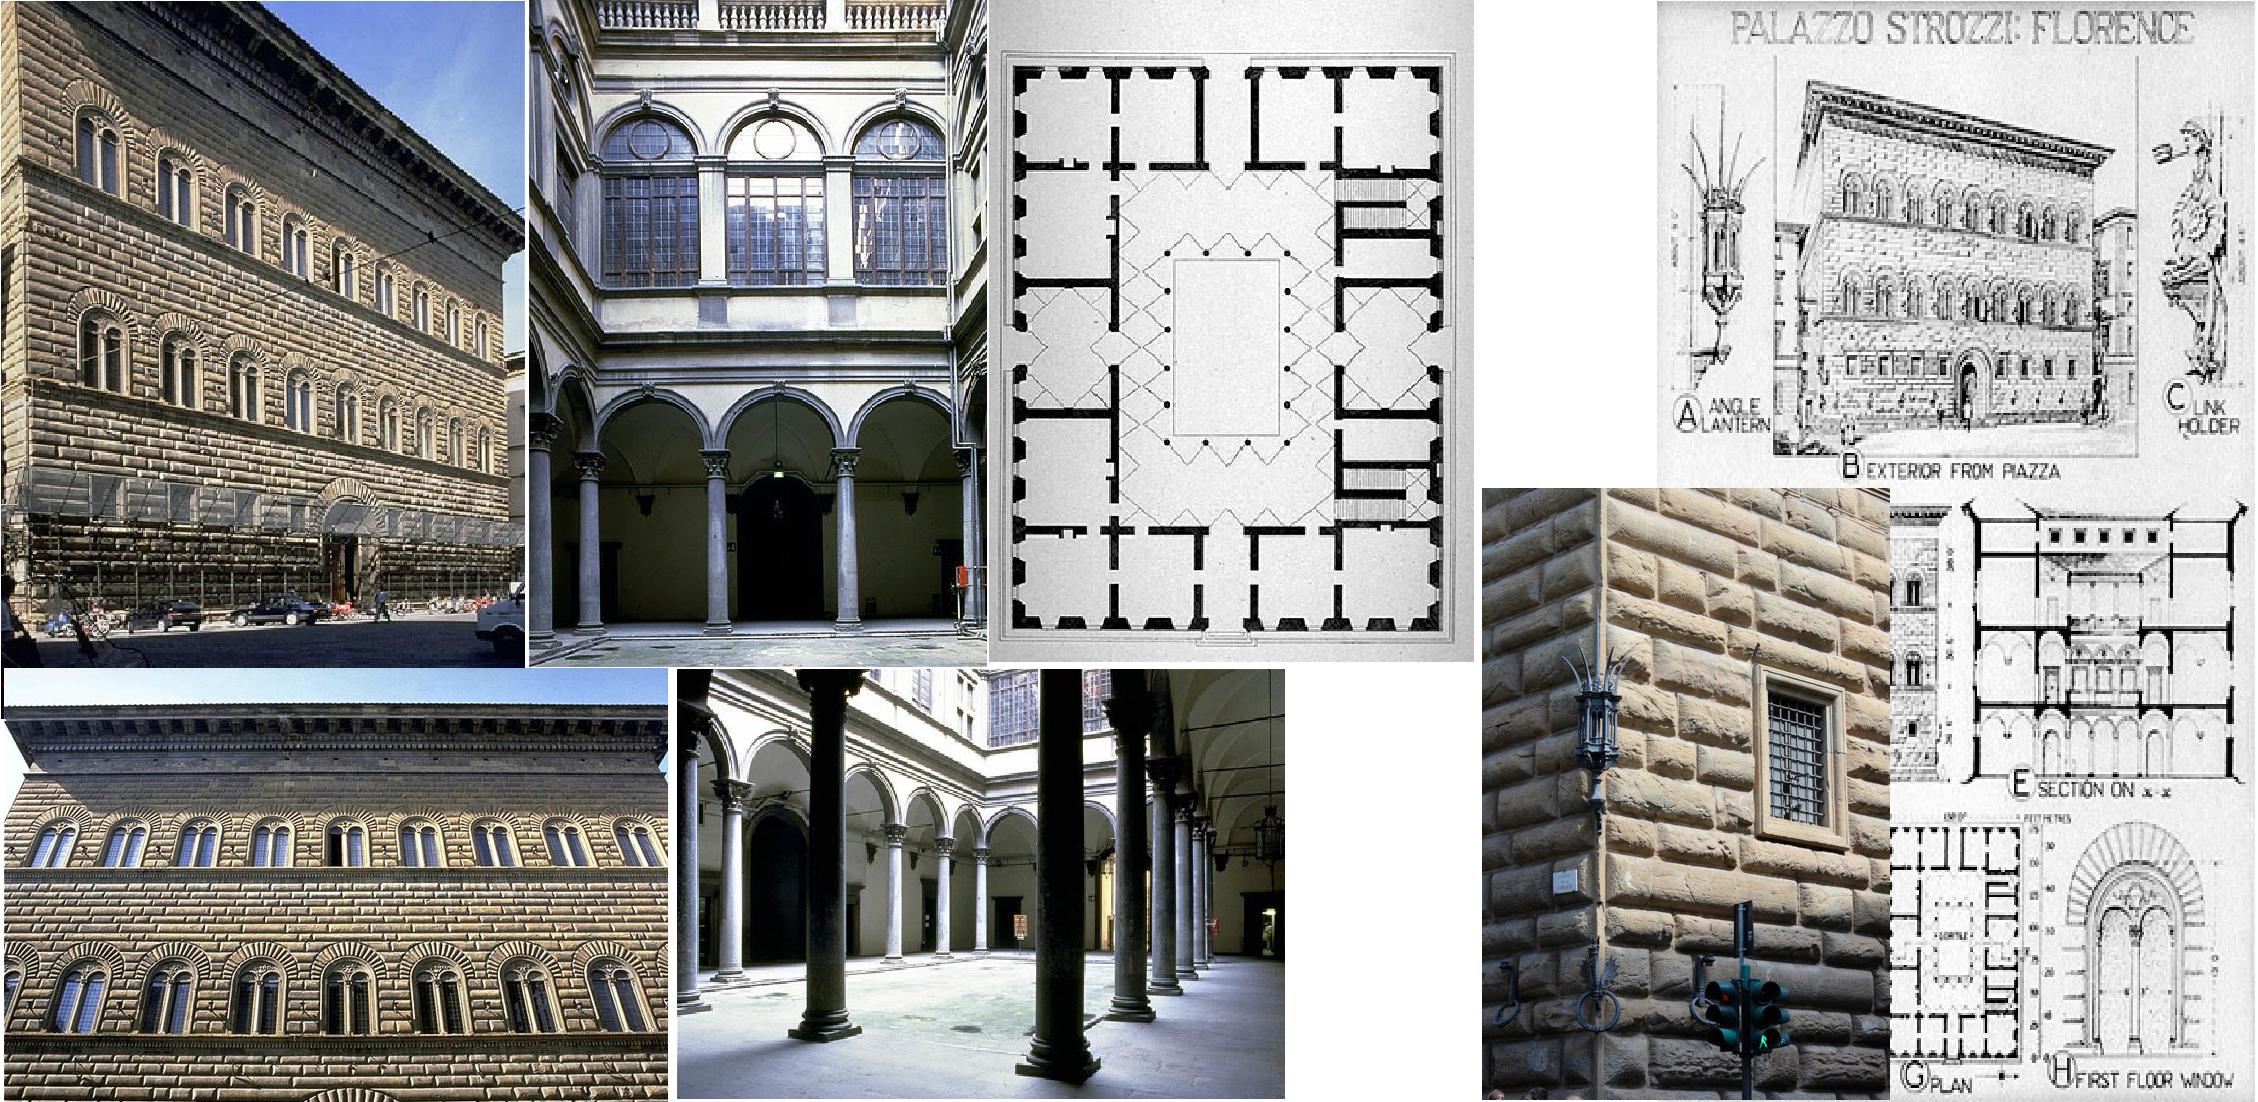 palazzo strozzi architecture Google Search